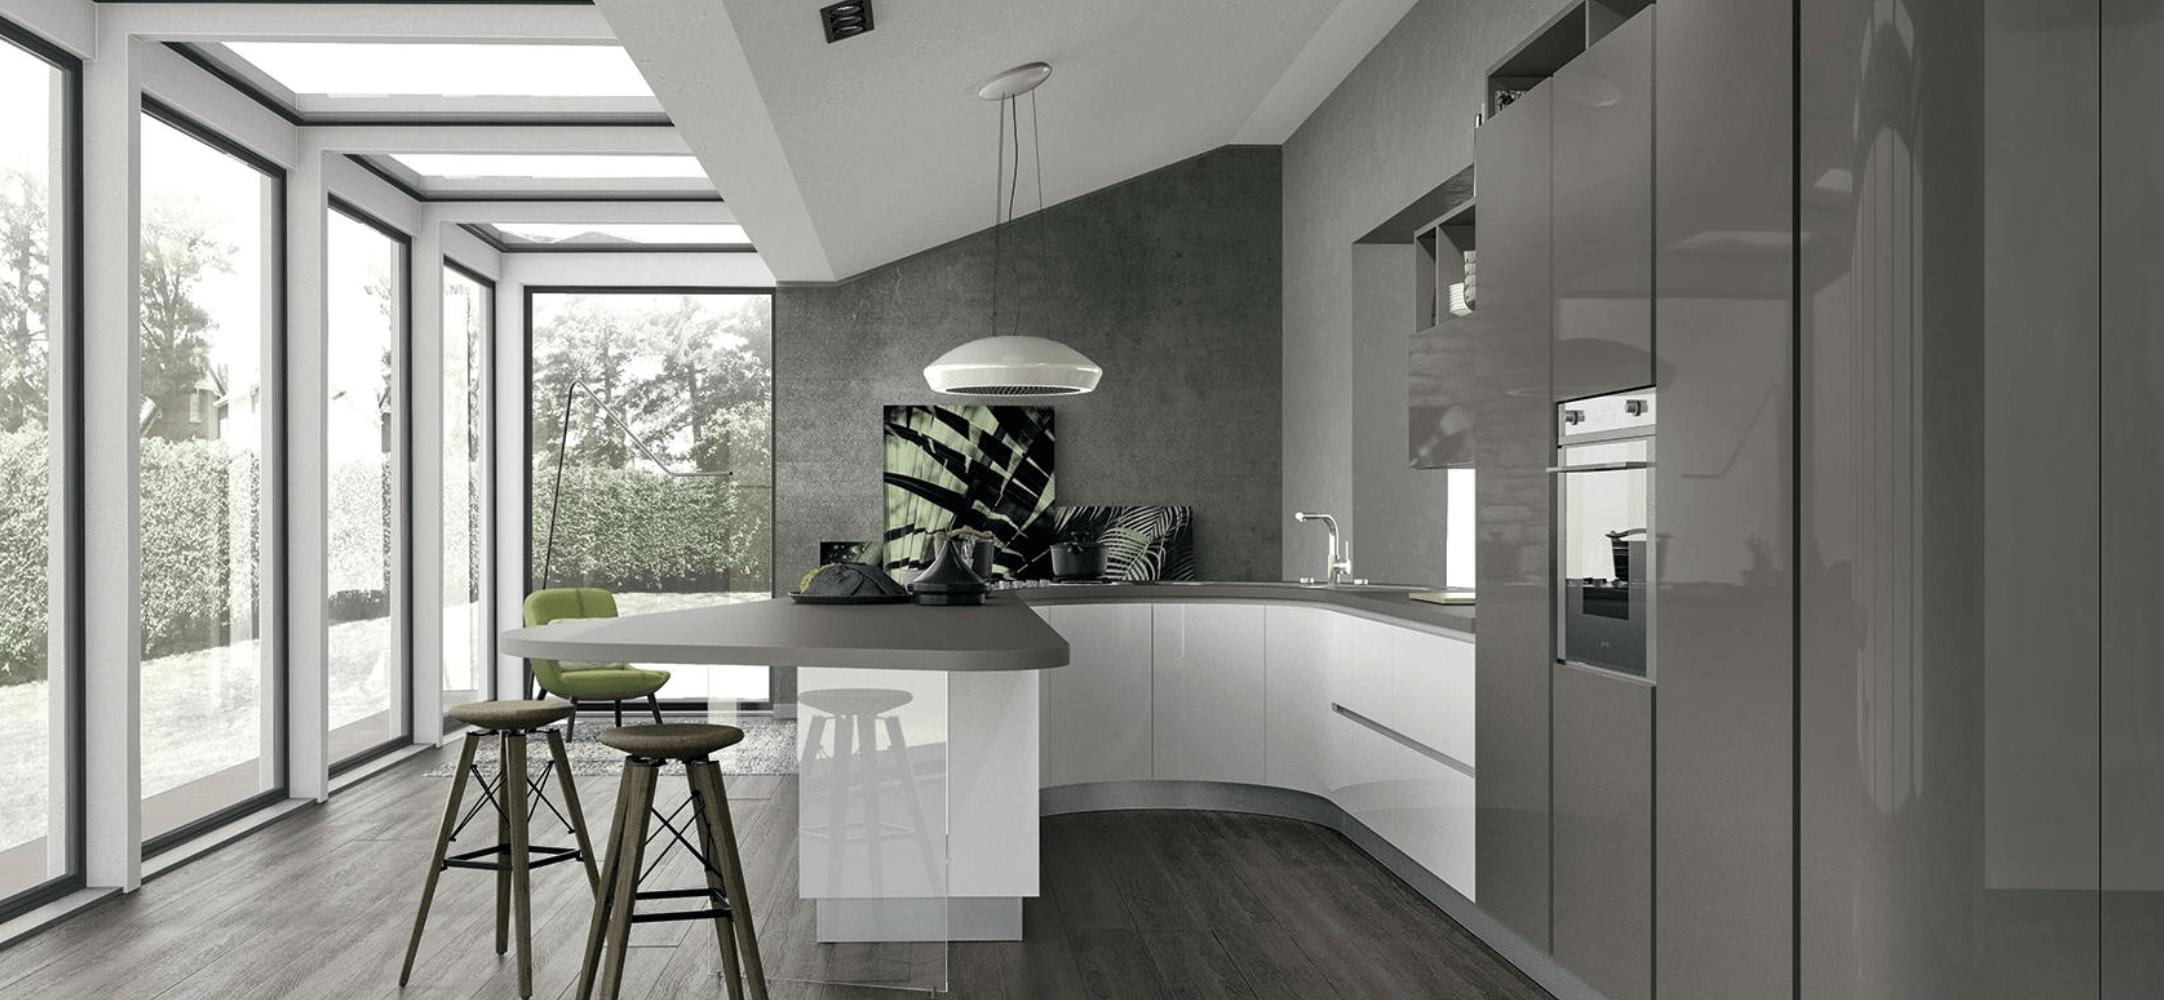 I migliori rivestimenti per le pareti della cucina lube for Rivestimenti adesivi per pareti cucina